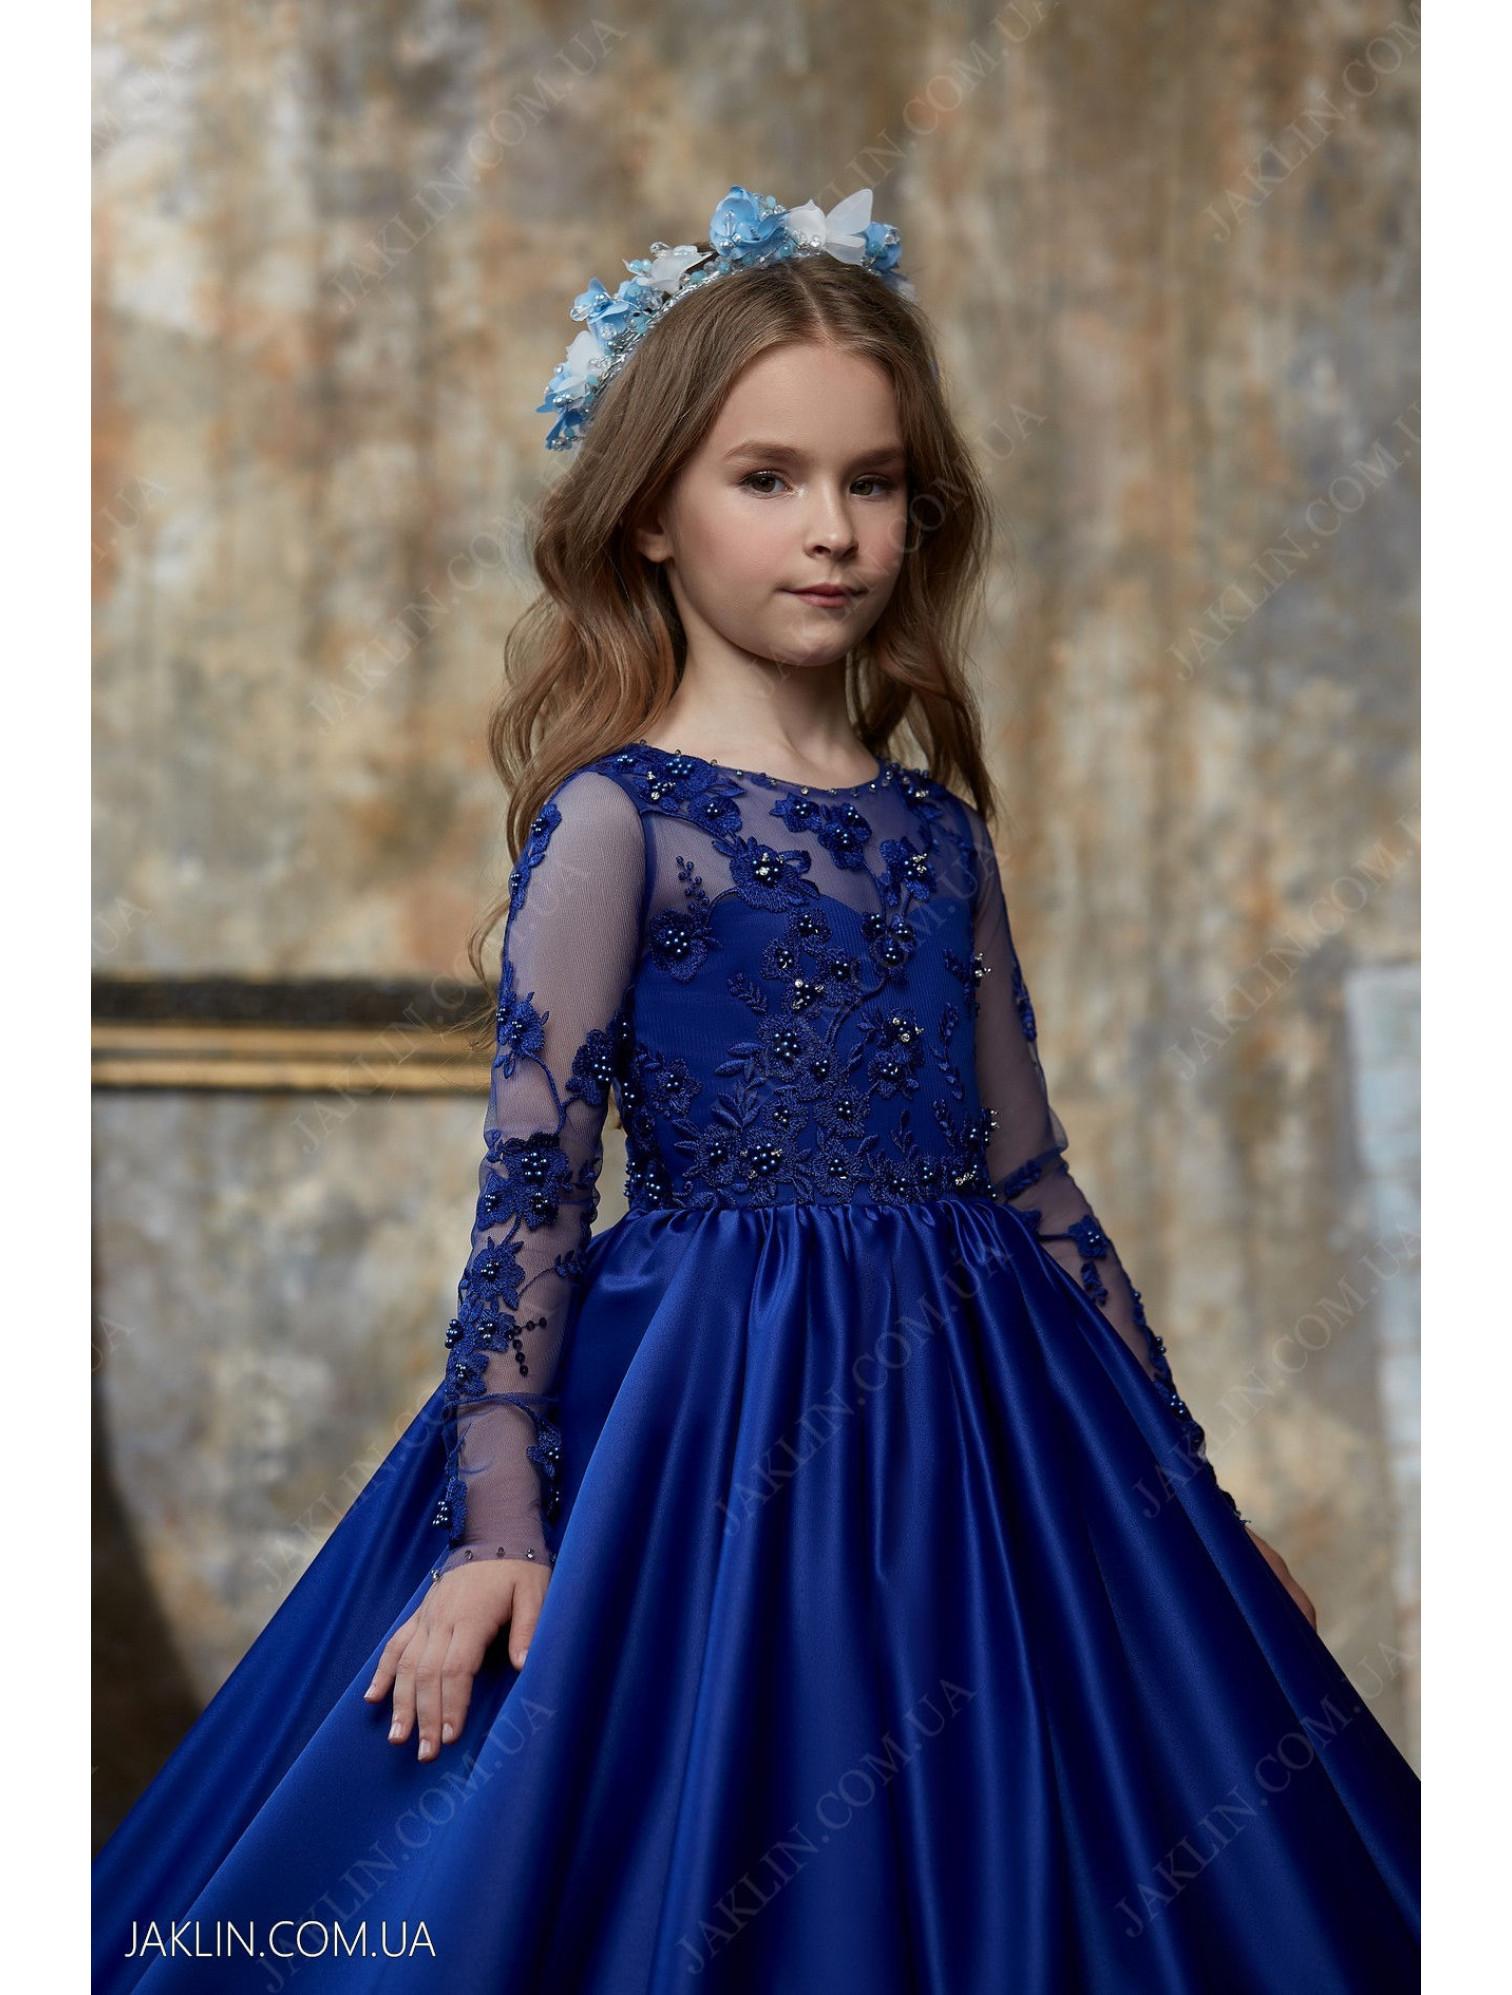 Дитяча сукня 3043